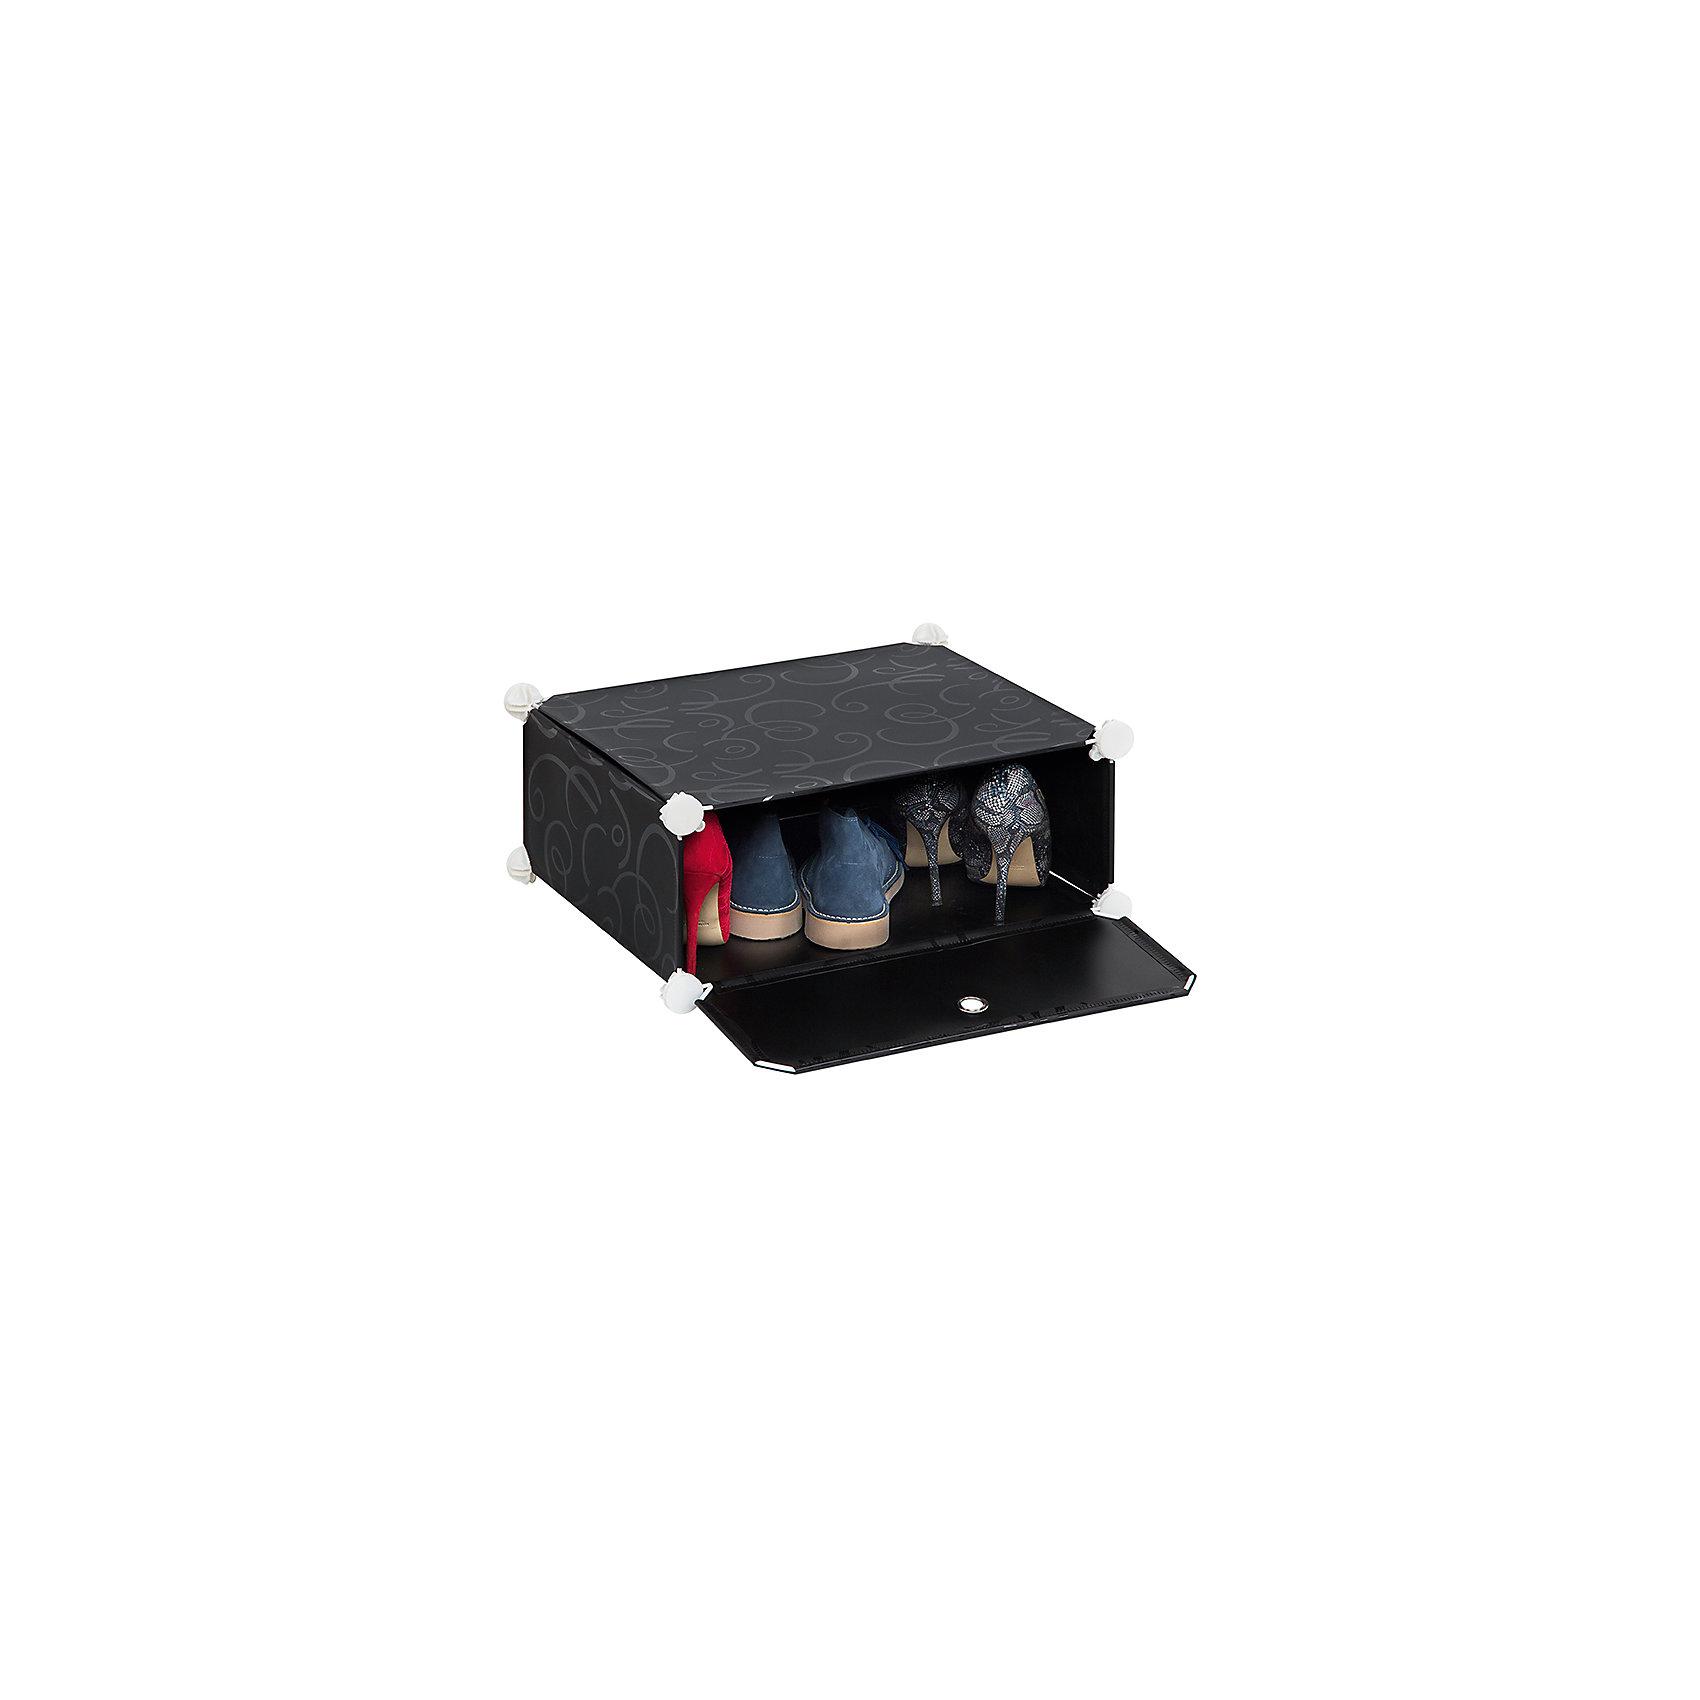 Полка складная для модульного системы хранения 49*37*21 см. Черная с узором, EL CasaПорядок в детской<br>Характеристики товара:<br><br>• цвет: черный<br>• материал: металл, полипропилен<br>• размер: 49 х 37 х 21 см<br>• вес: 3000 г<br>• с жестким каркасом<br>• дверца на магните<br>• легко складывается и раскладывается<br>• удобная<br>• защита от пыли<br>• естественная вентиляция<br>• ручка в виде отверстия<br>• универсальный размер<br>• страна бренда: Российская Федерация<br>• страна производства: Китай<br><br>Эта полка - отличный пример красивой и функциональной вещи для любого интерьера. В ней удобной хранить различные мелочи, благодаря универсальному дизайну и расцветке она хорошо будет смотреться в помещении.<br><br>Складная полка для модульного системы хранения может стать отличным приобретением для дома или подарком для любителей красивых оригинальных вещей, особенно - комплект из полок.<br><br>Бренд EL Casa - это красивые и практичные товары для дома с современным дизайном. Они добавляют в жильё уюта и комфорта! <br><br>Полку складную для модульного системы хранения 49*37*21 см. Черная с узором, EL Casa, можно купить в нашем интернет-магазине.<br><br>Ширина мм: 490<br>Глубина мм: 370<br>Высота мм: 52<br>Вес г: 3000<br>Возраст от месяцев: 0<br>Возраст до месяцев: 1188<br>Пол: Унисекс<br>Возраст: Детский<br>SKU: 6668790